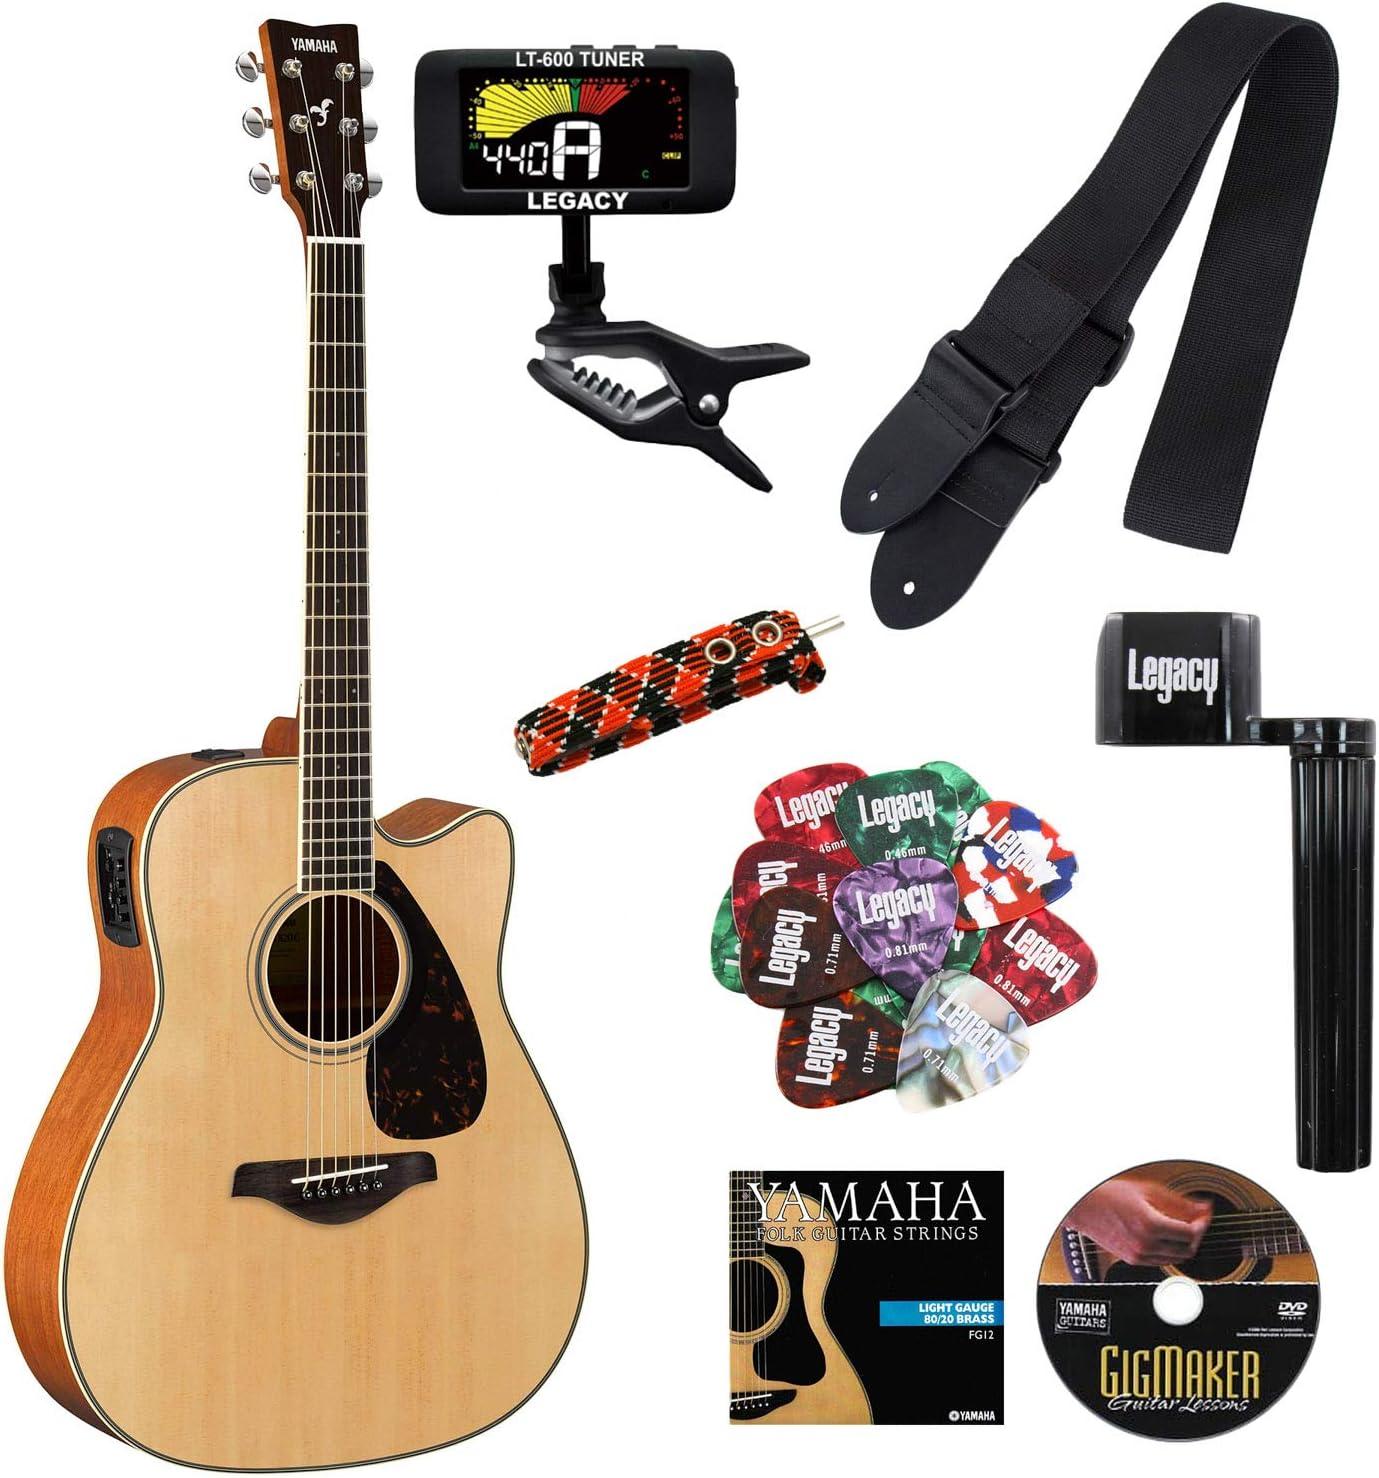 Yamaha fgx820 C Folk Guitarra acústica con cutaway guitarra eléctrica, parte superior sólida, Madera de caoba parte trasera y los laterales, con Legado accesorio Bundle, muchas opciones: Amazon.es: Instrumentos musicales